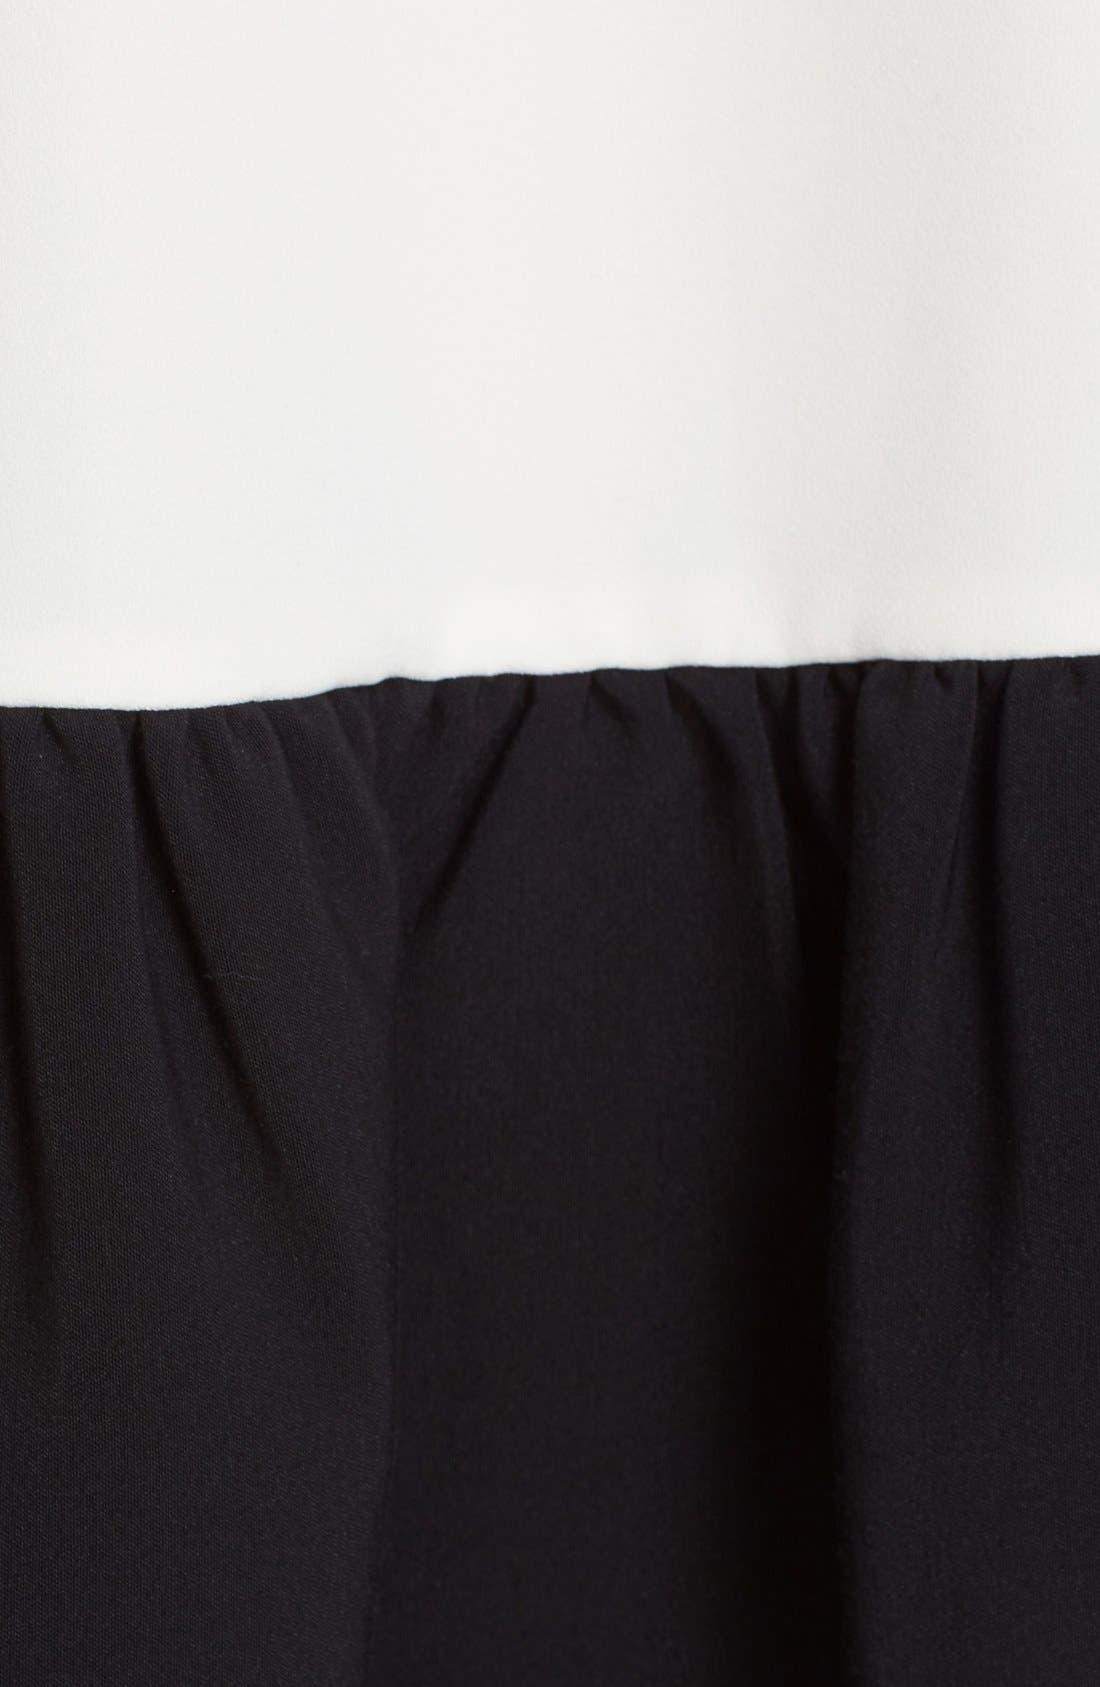 Fuji Colorblock Ruffle Hem Trapeze Dress,                             Alternate thumbnail 3, color,                             Black/ White